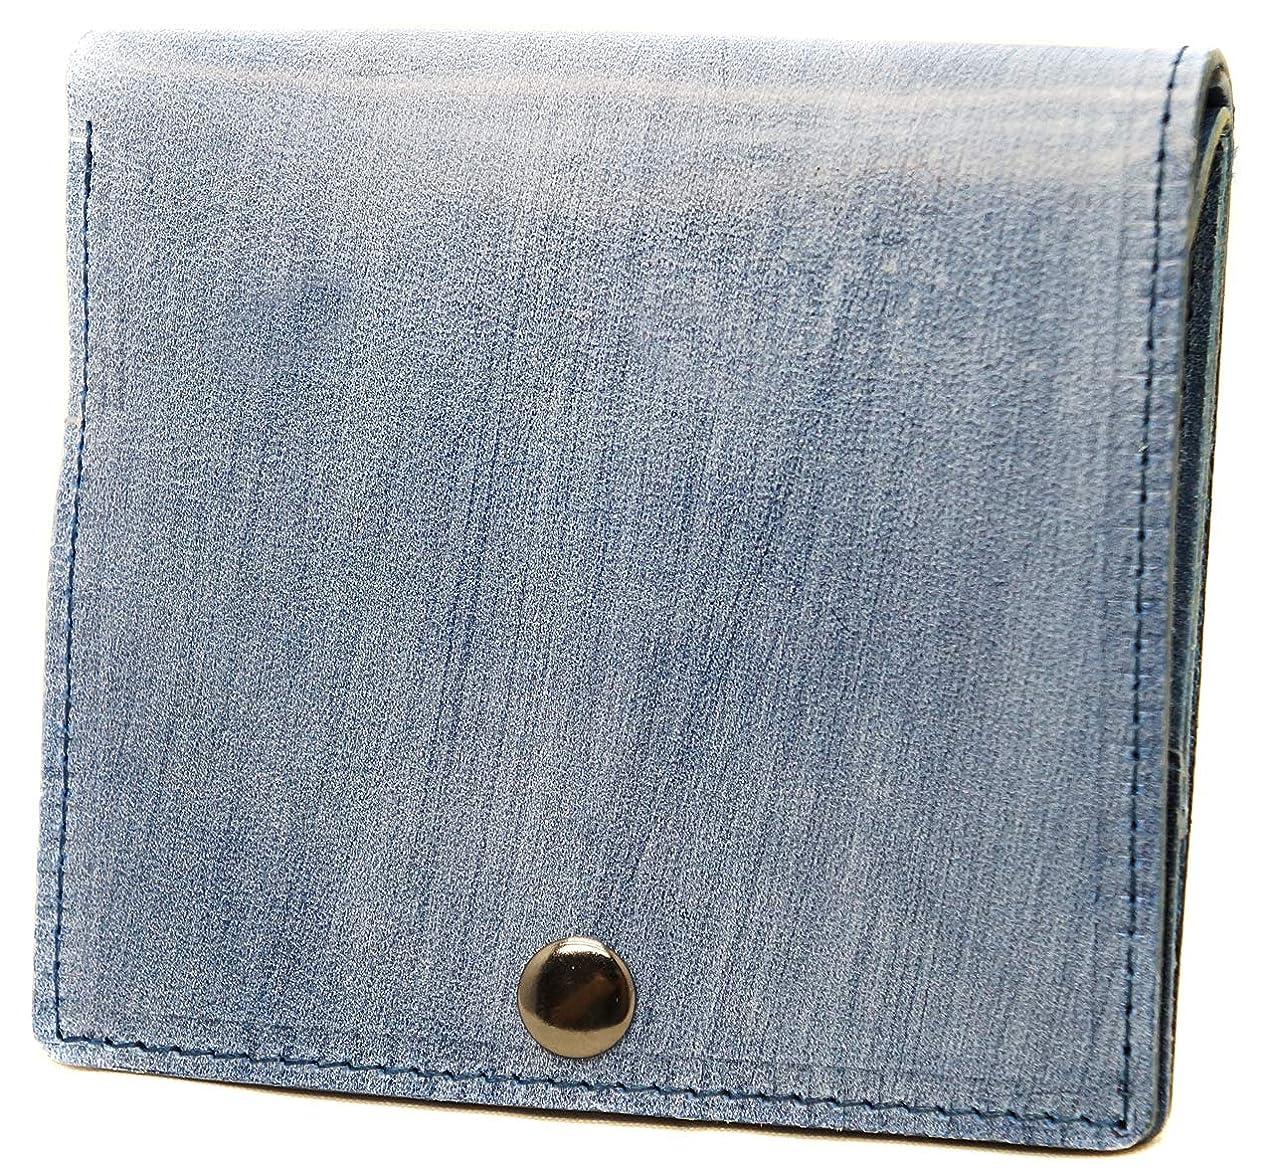 モザイク検体原稿[BlissLeather] [一流のイタリア製ブライドルレザー] 薄型 コンパクト 本革 二つ折り財布 10277